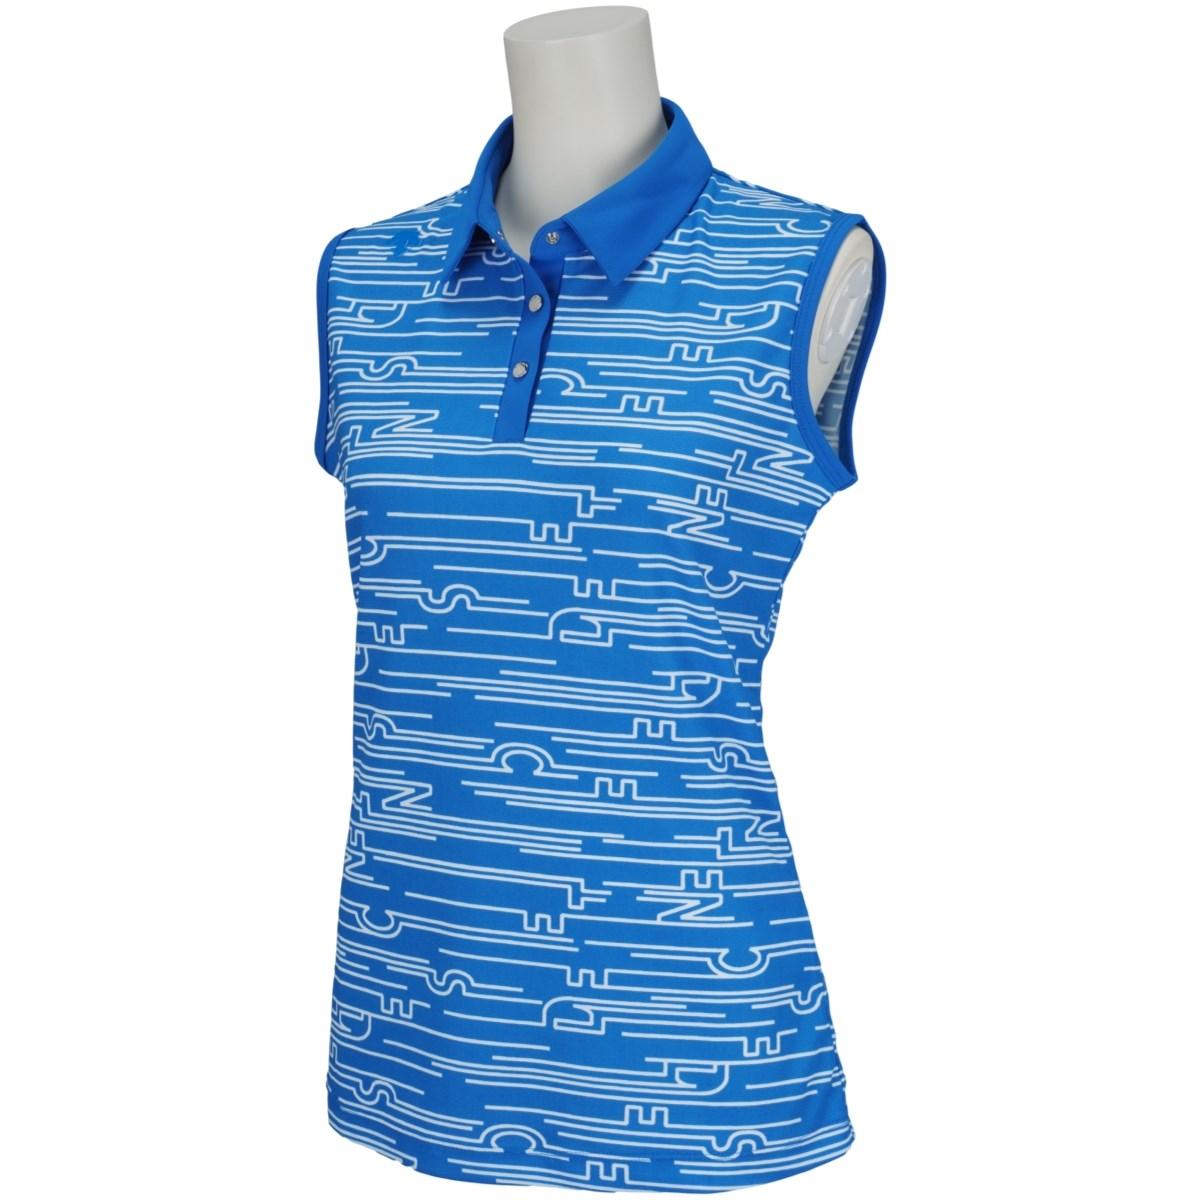 デサントゴルフ DESCENTE GOLF ECO 鹿の子MARINEプリントスリーブレスポロシャツ S ブルー 00 レディス